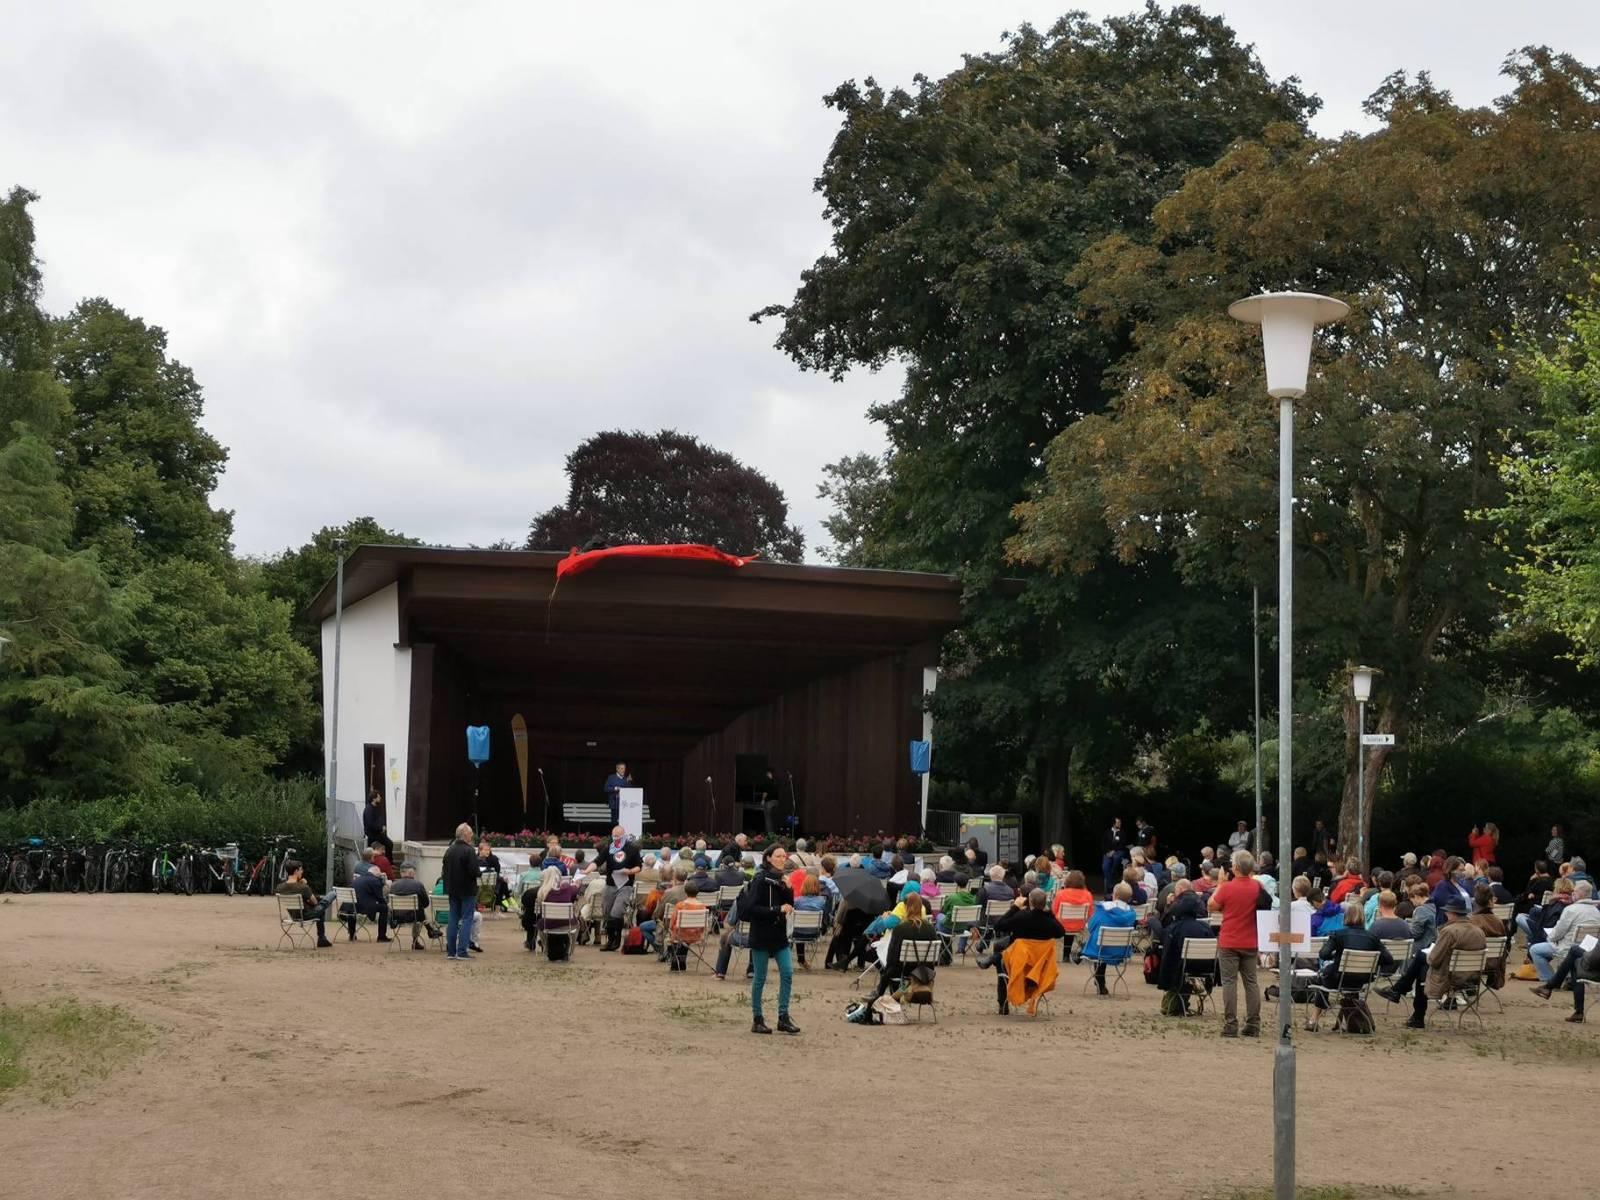 lueneburg2030-zukunkunfsstadt-protest-gegen-ob3